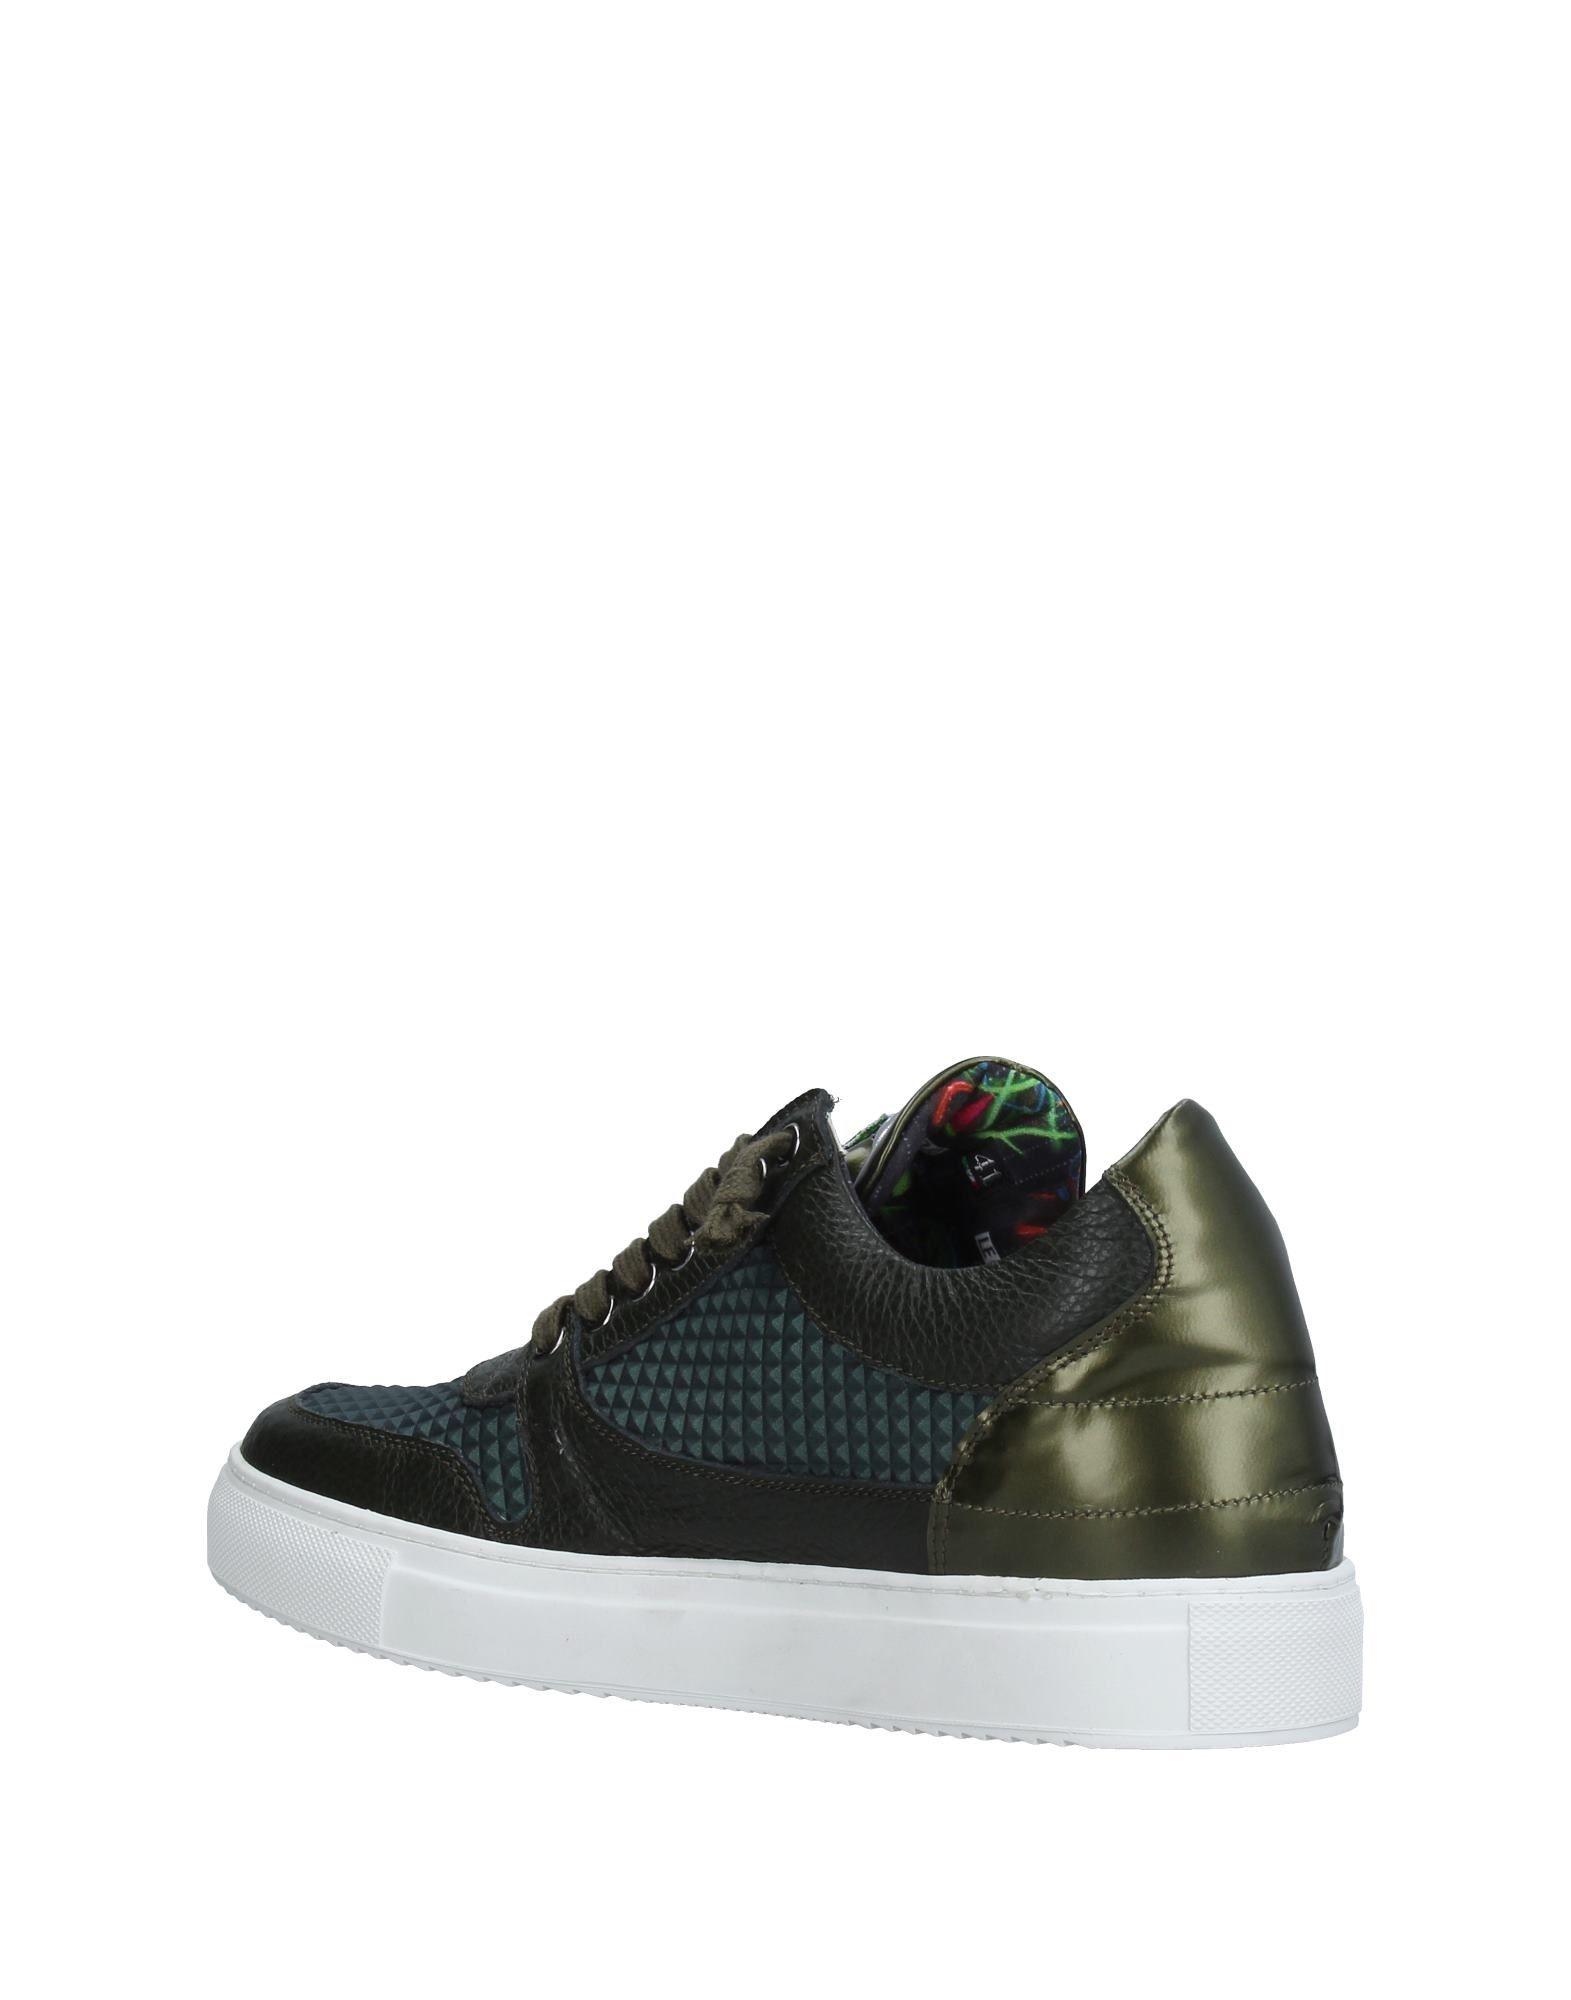 Rabatt Sneakers echte Schuhe Le Crown Sneakers Rabatt Herren  11232395OP ae92e1